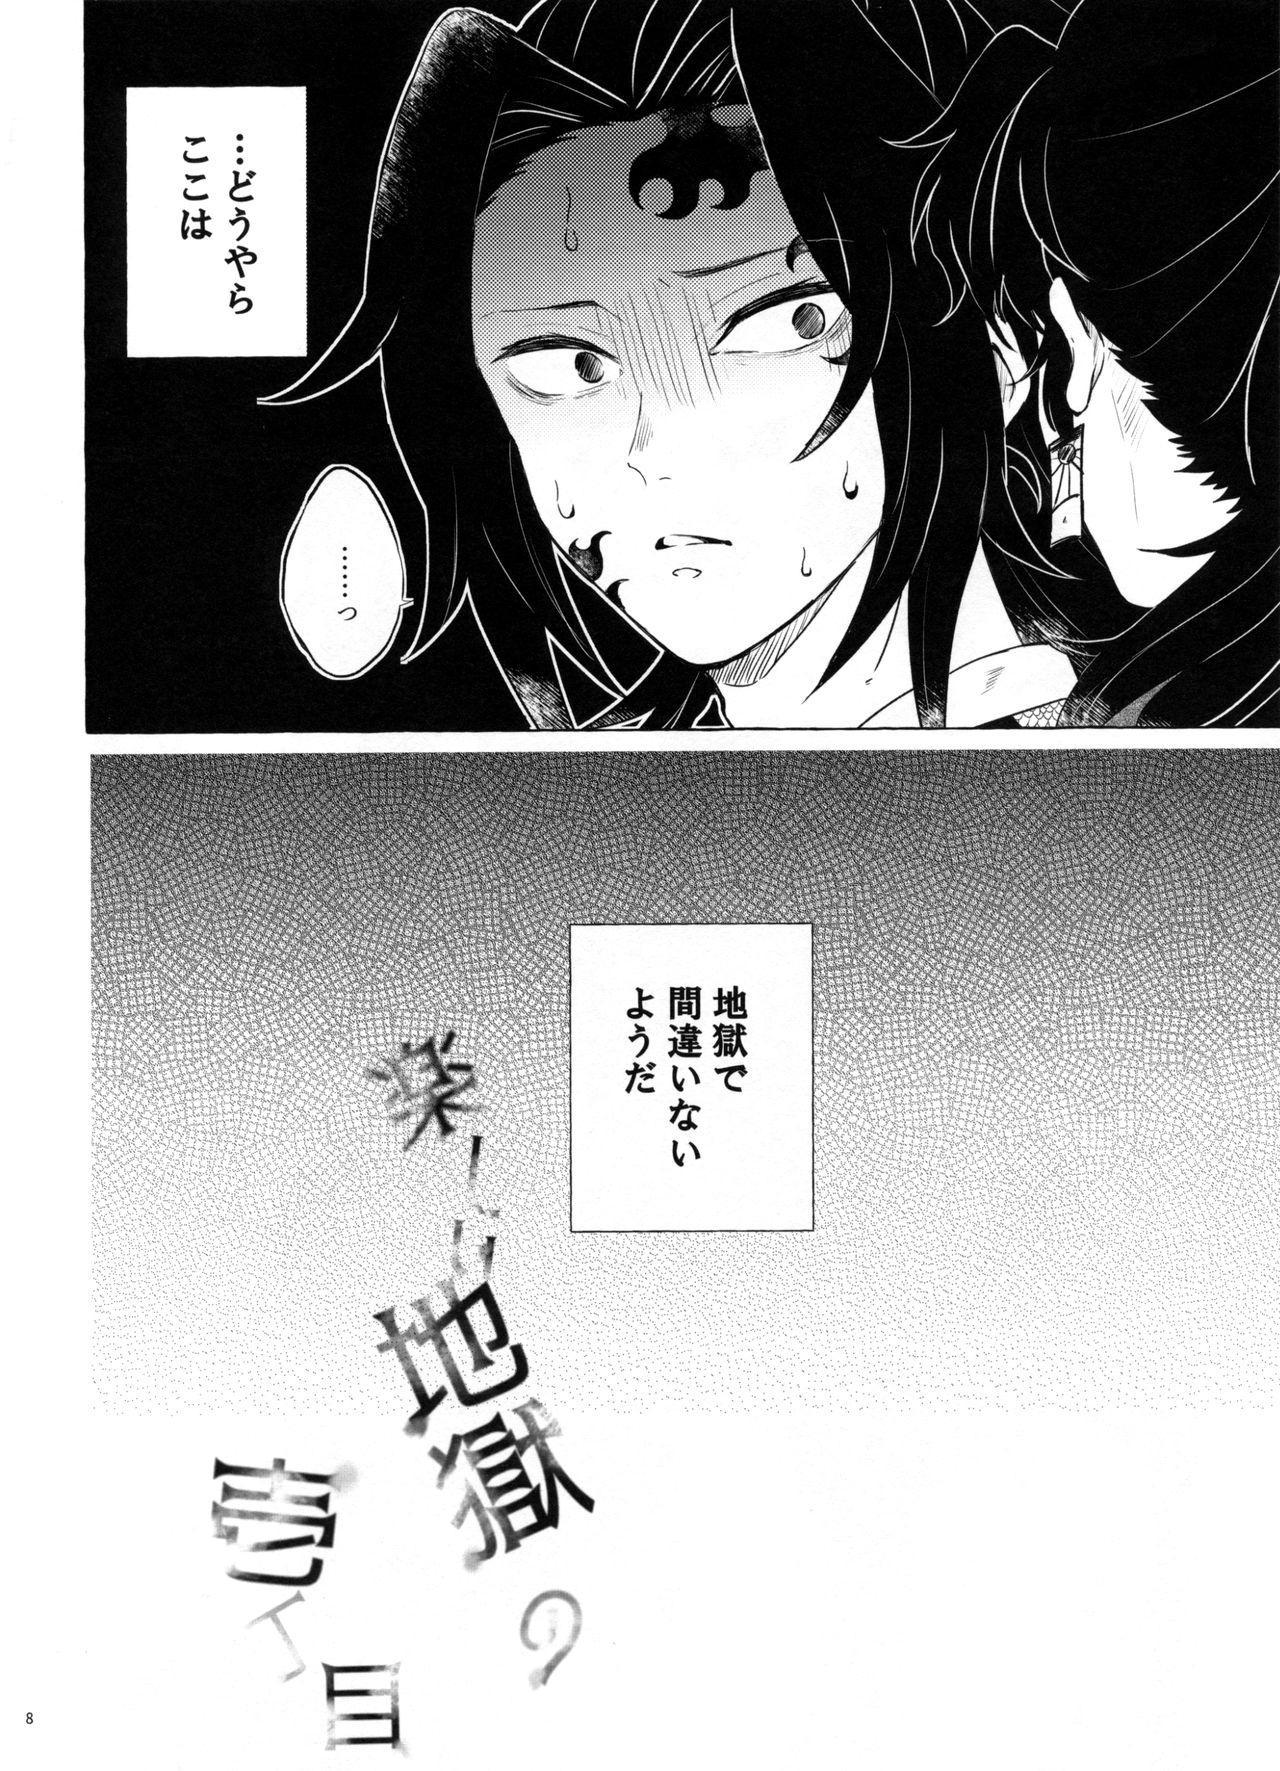 Tanoshii Jigoku no Icchoume 6